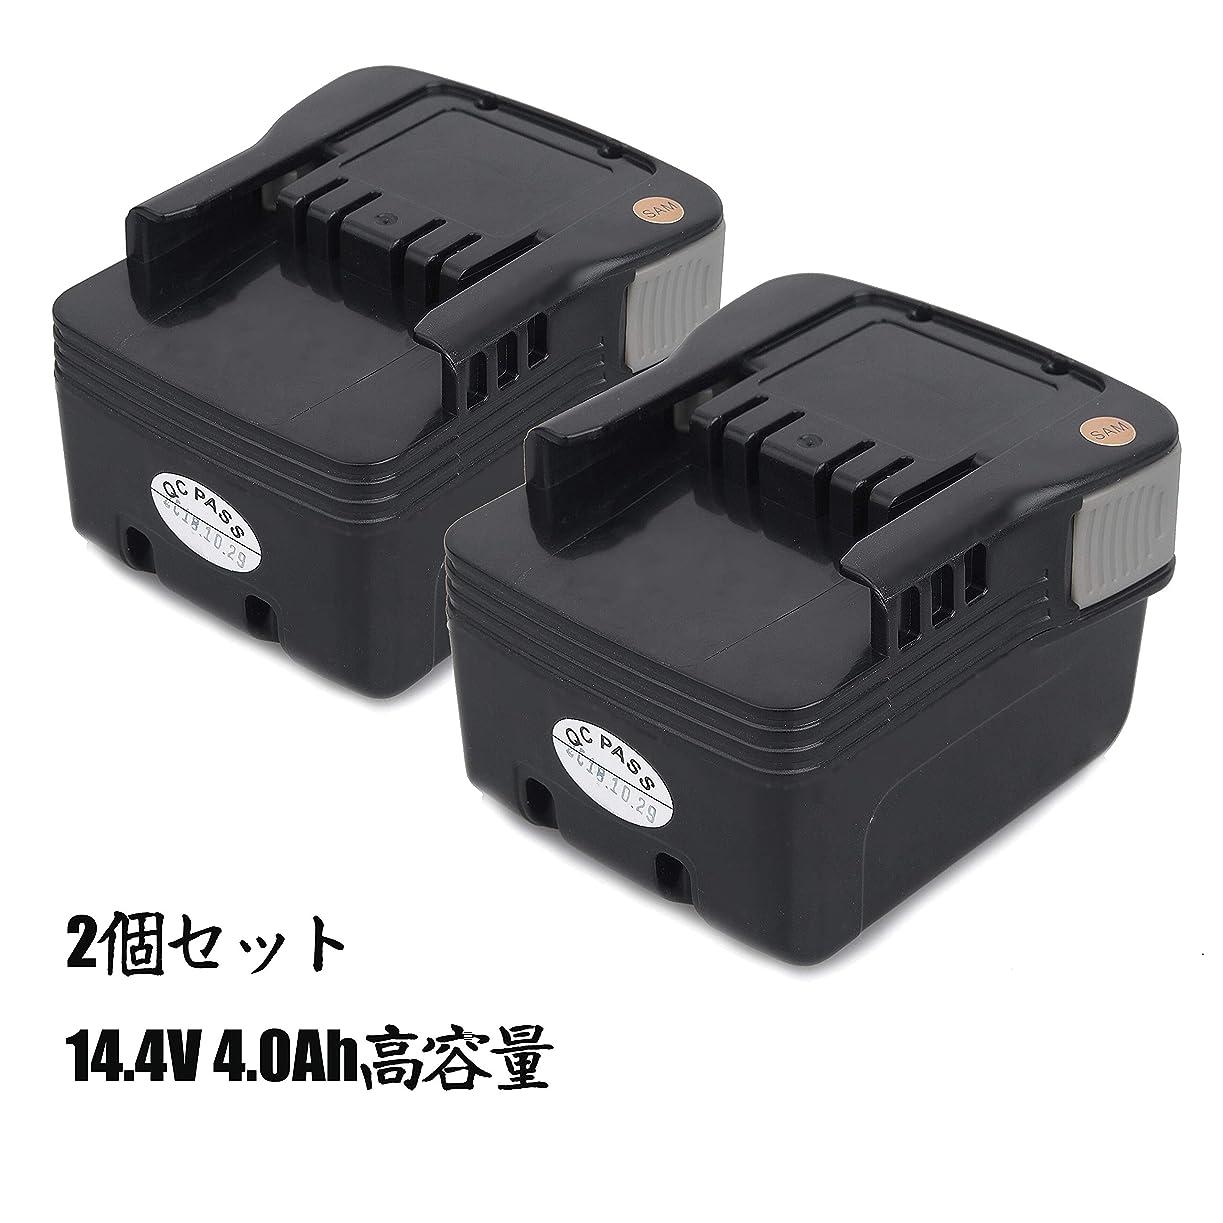 恩赦ウイルス浸透する2個セット RYOBIリョービ B-1430L 互換バッテリー 14.4V 4.0Ah大容量 リチウムイオン電池 B-1425L B-1415L 電動工具 充電式クリーナー用電池パック